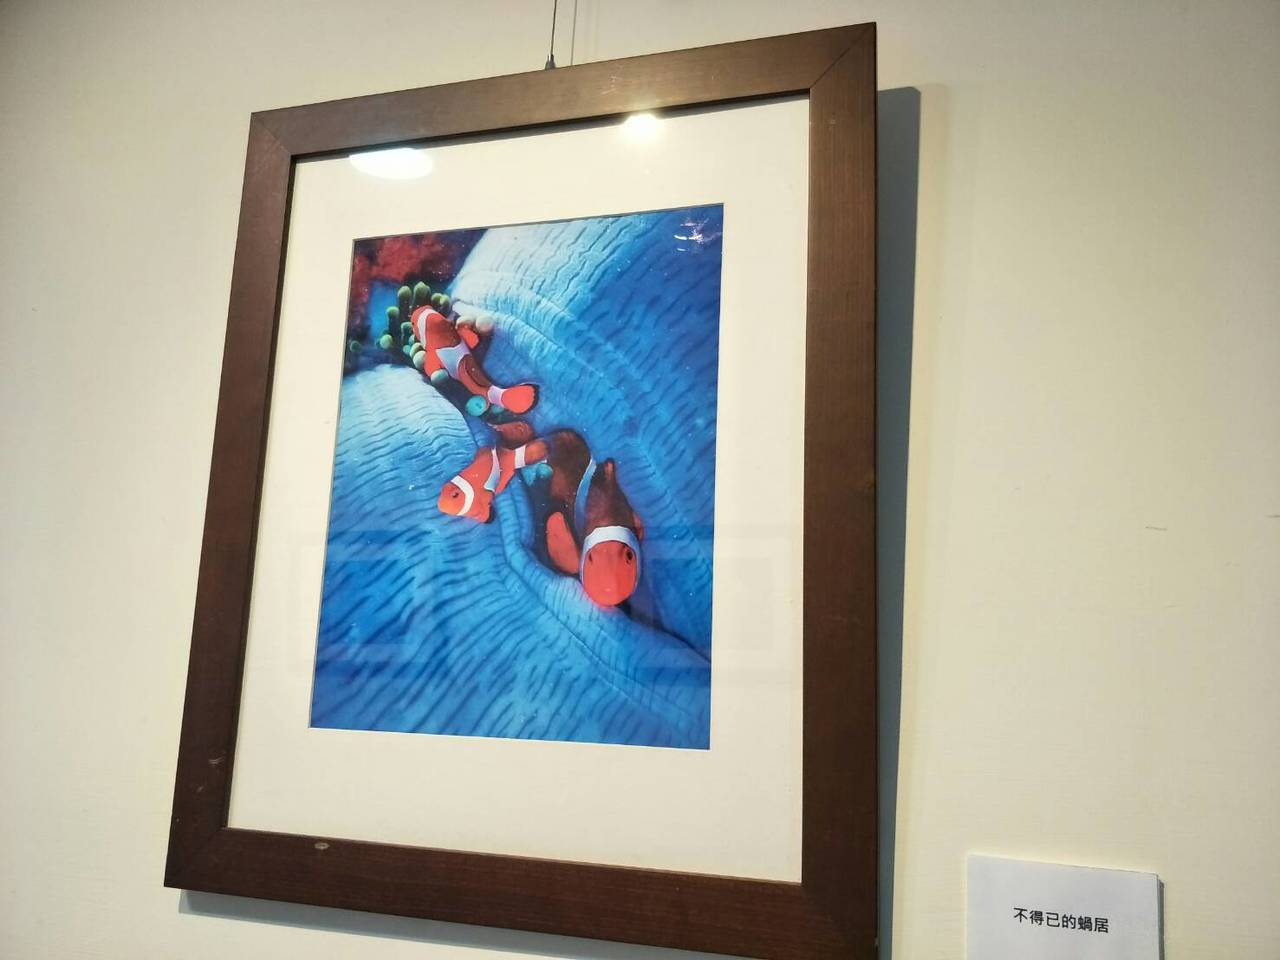 童綜合醫院骨科醫師郭家孝喜歡攝影和潛水,目前在醫院的攝影展「 水底情深」是他的作...